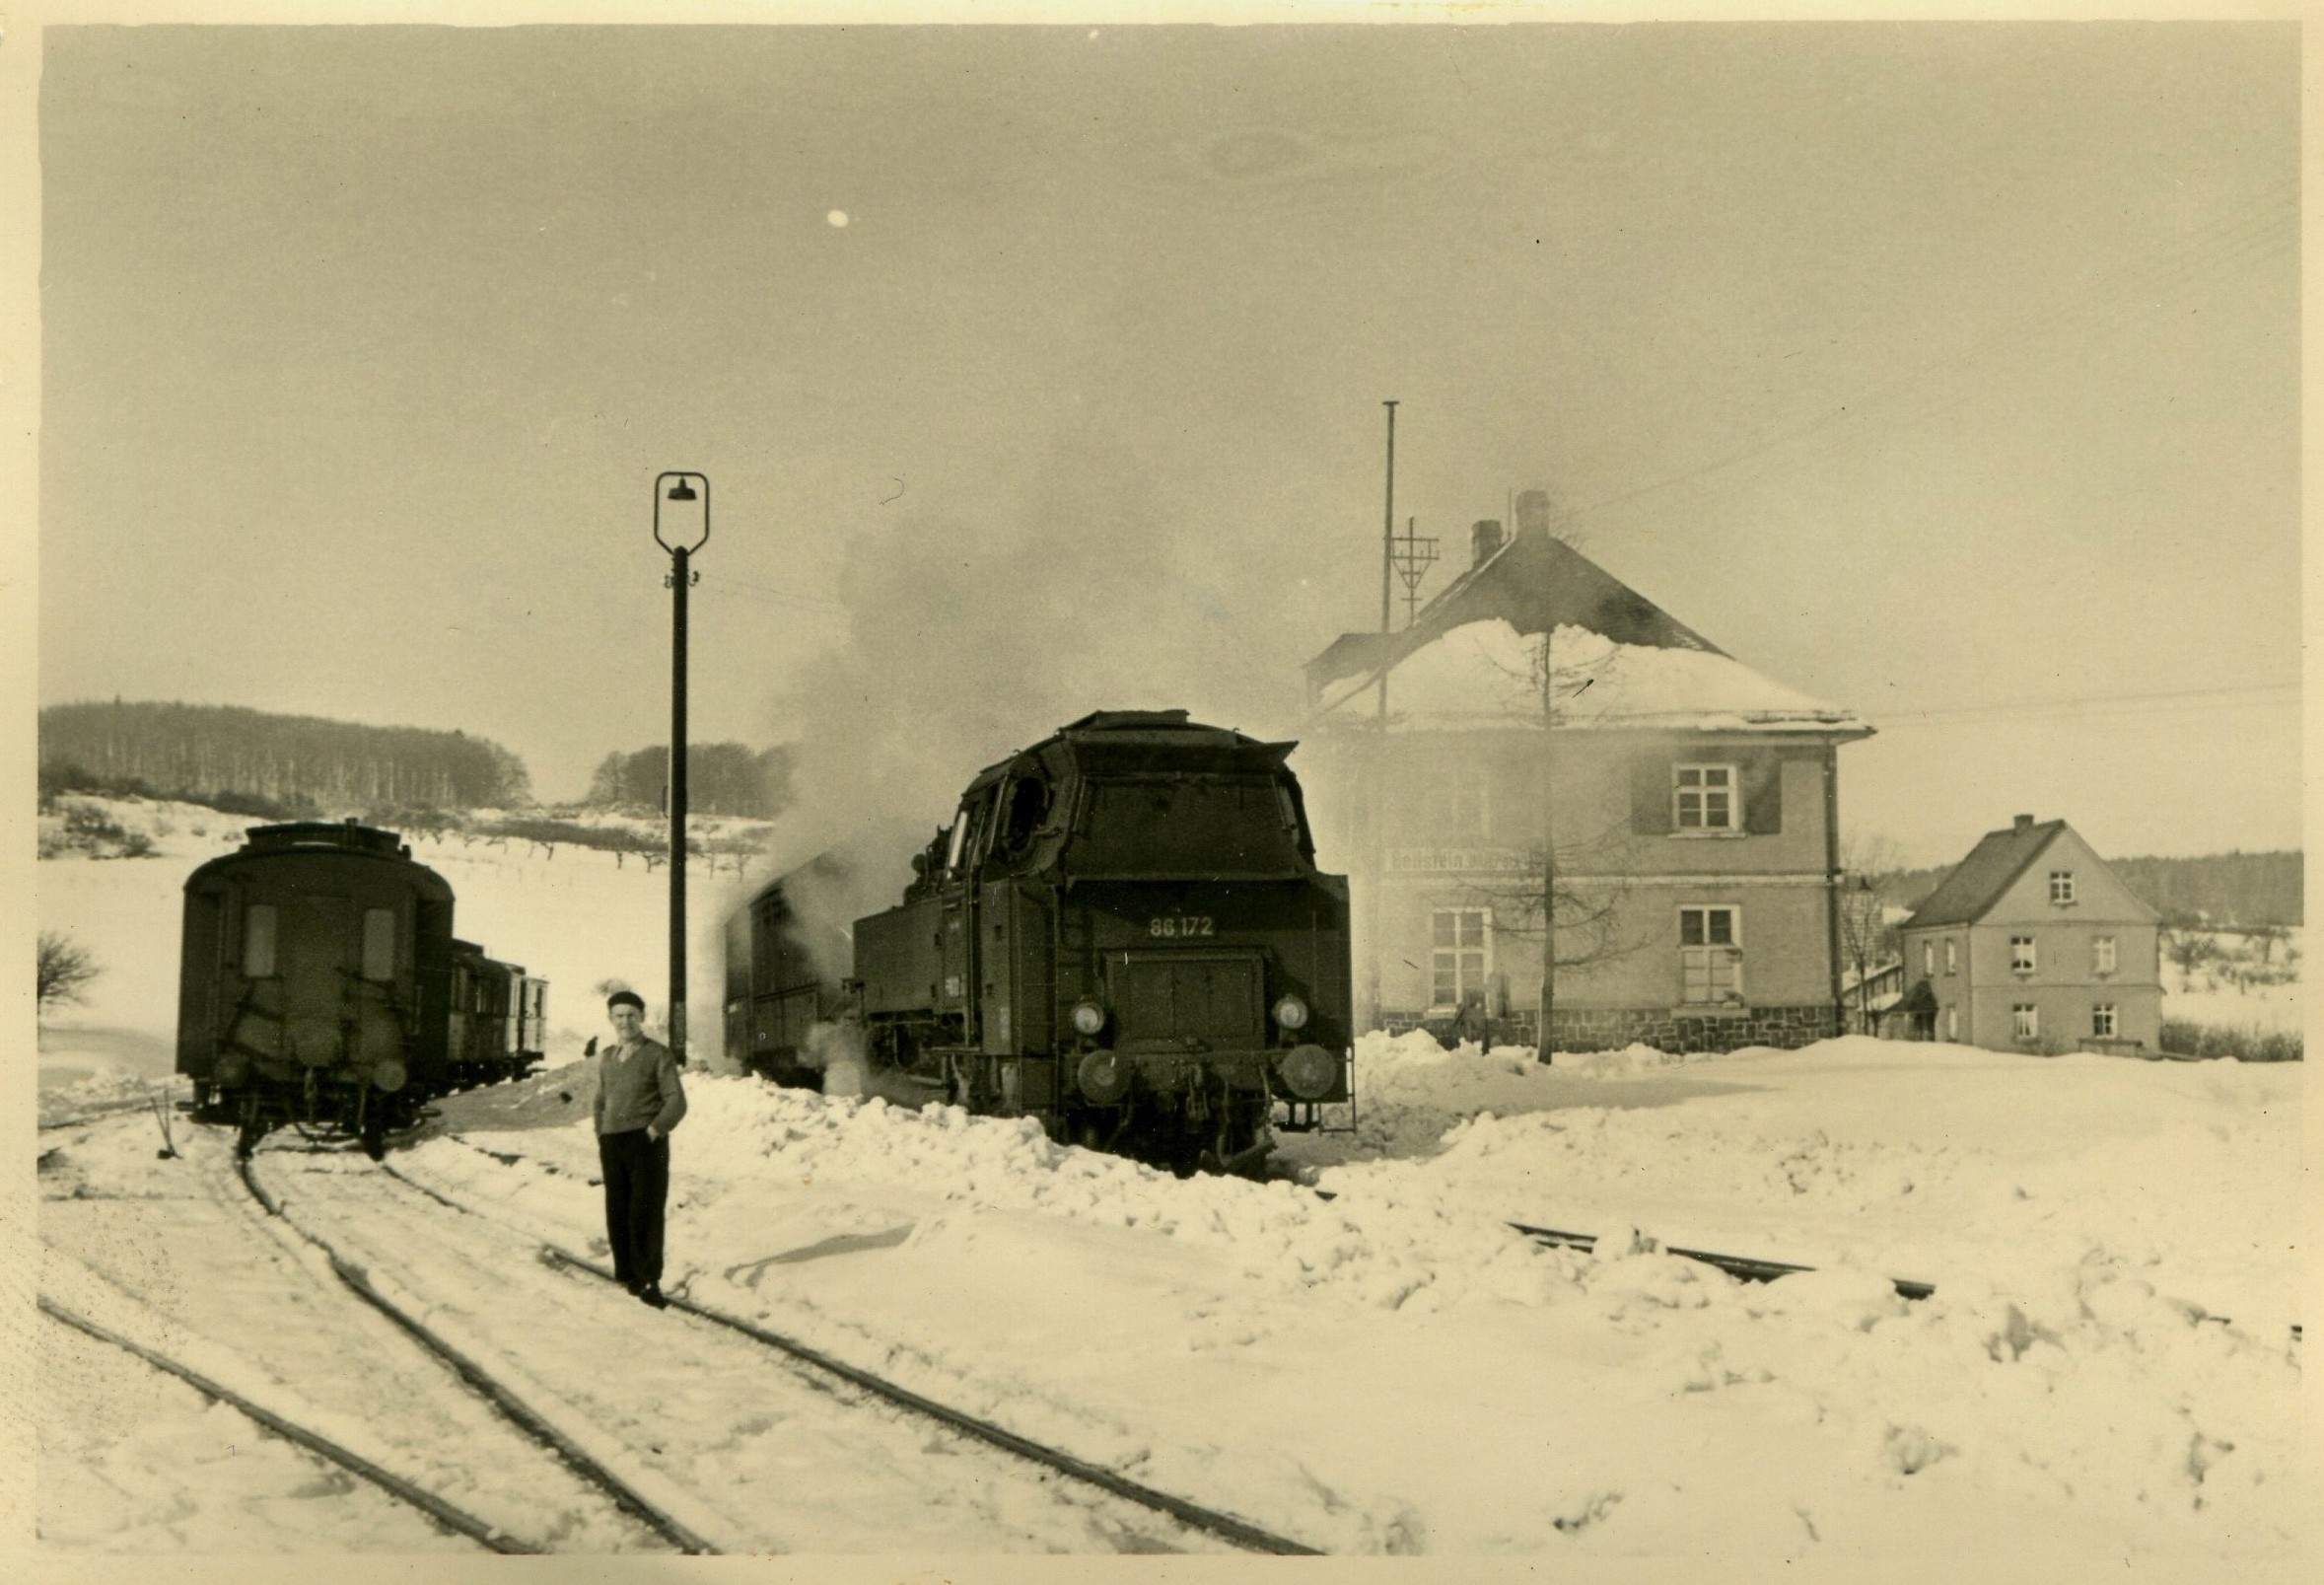 Bahnhof-Beilstein im Winter